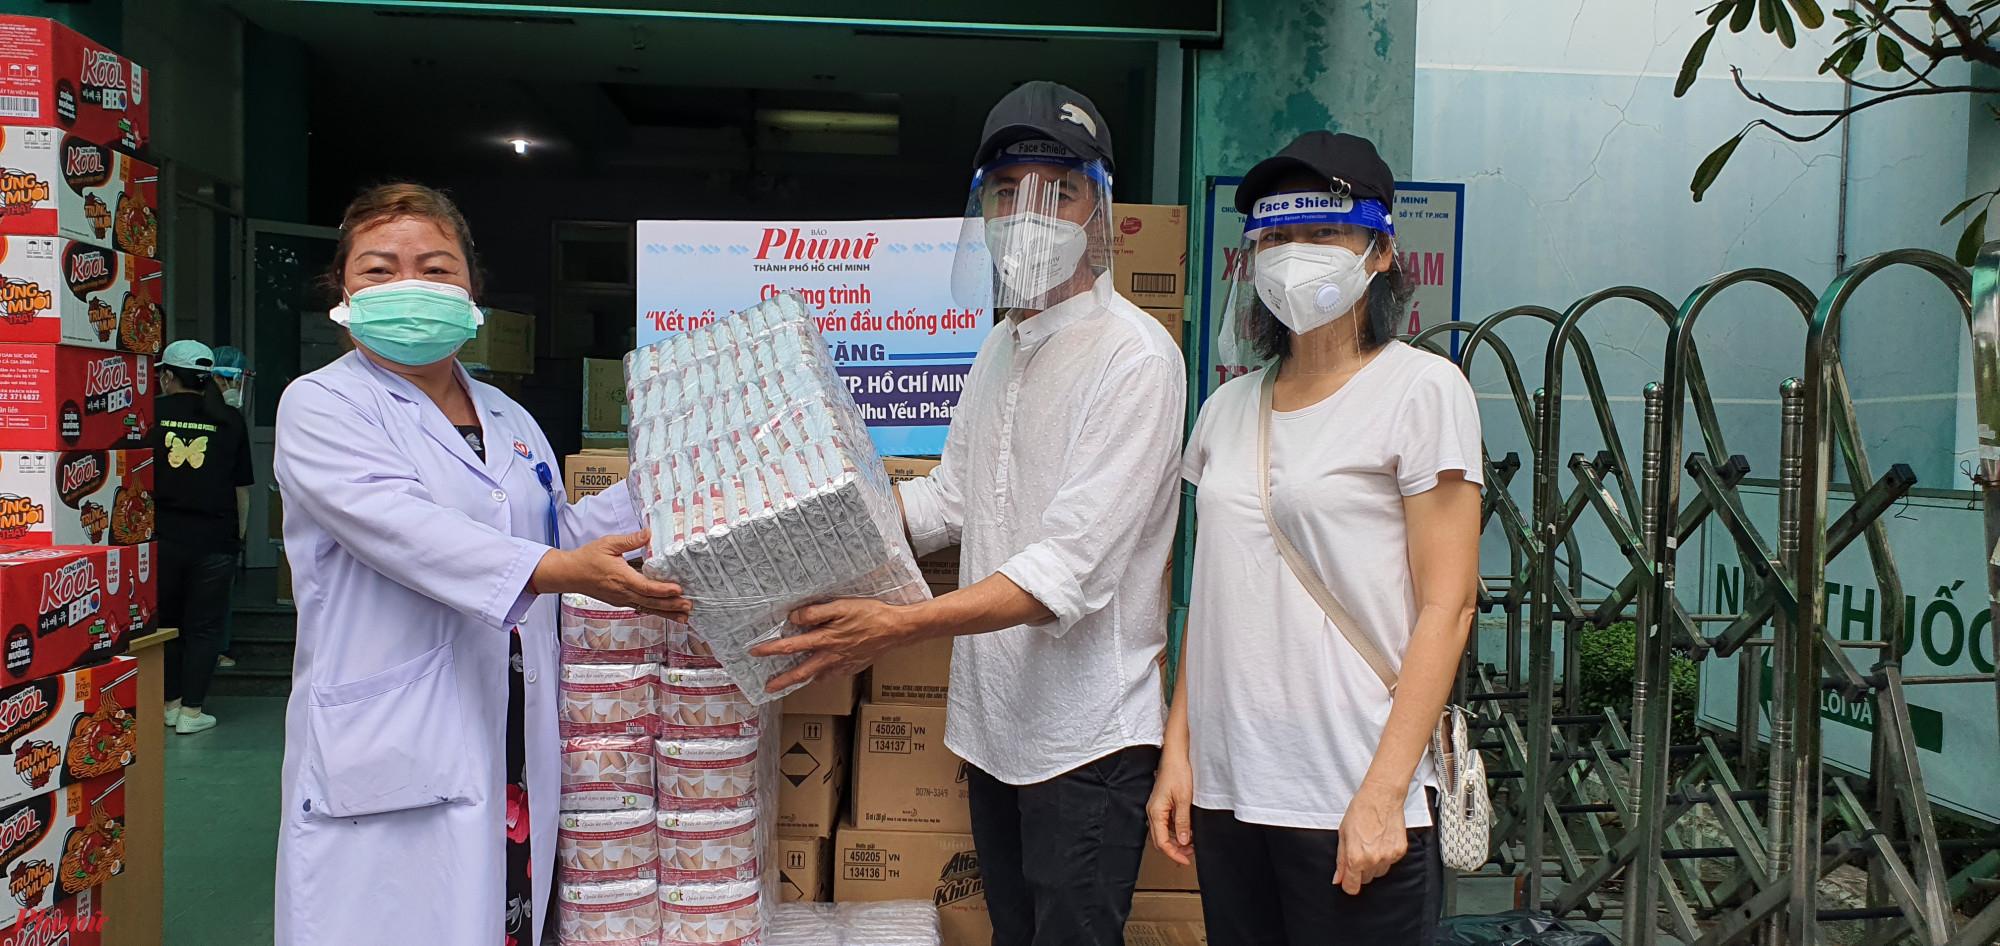 Diễn viên Như Thảo, Hiền Mai tặng các đồ dùng thiết yếu cho y bác sĩ